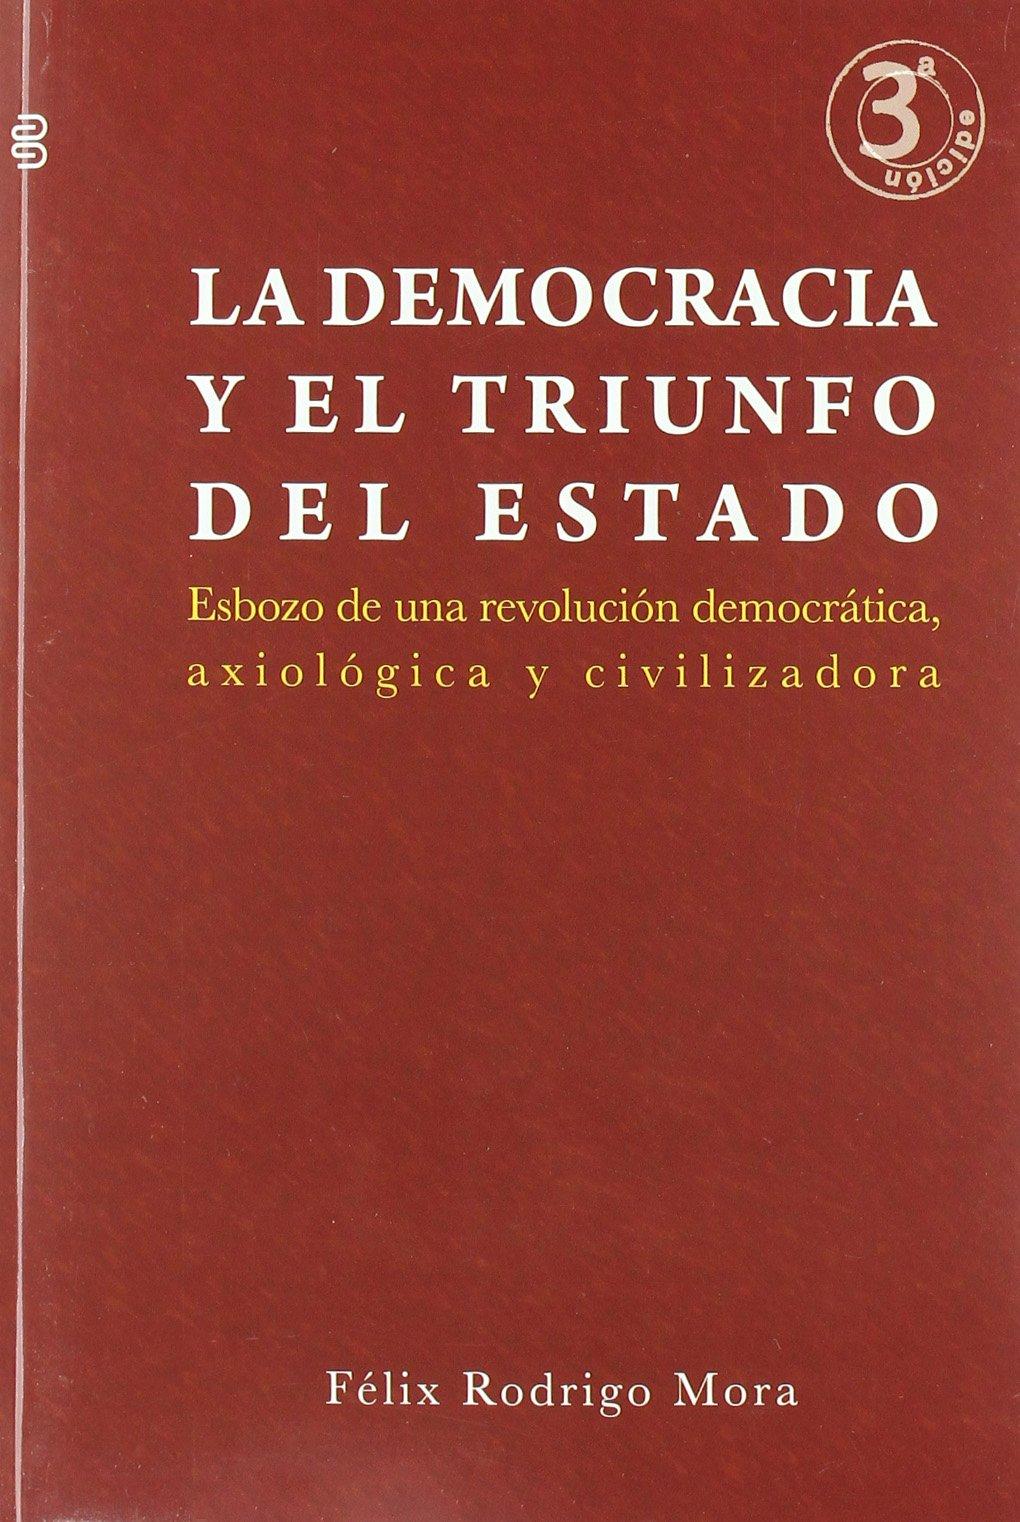 Democracia y el triunfo del estado, la: Amazon.es: Rodrigo Mora, Felix: Libros